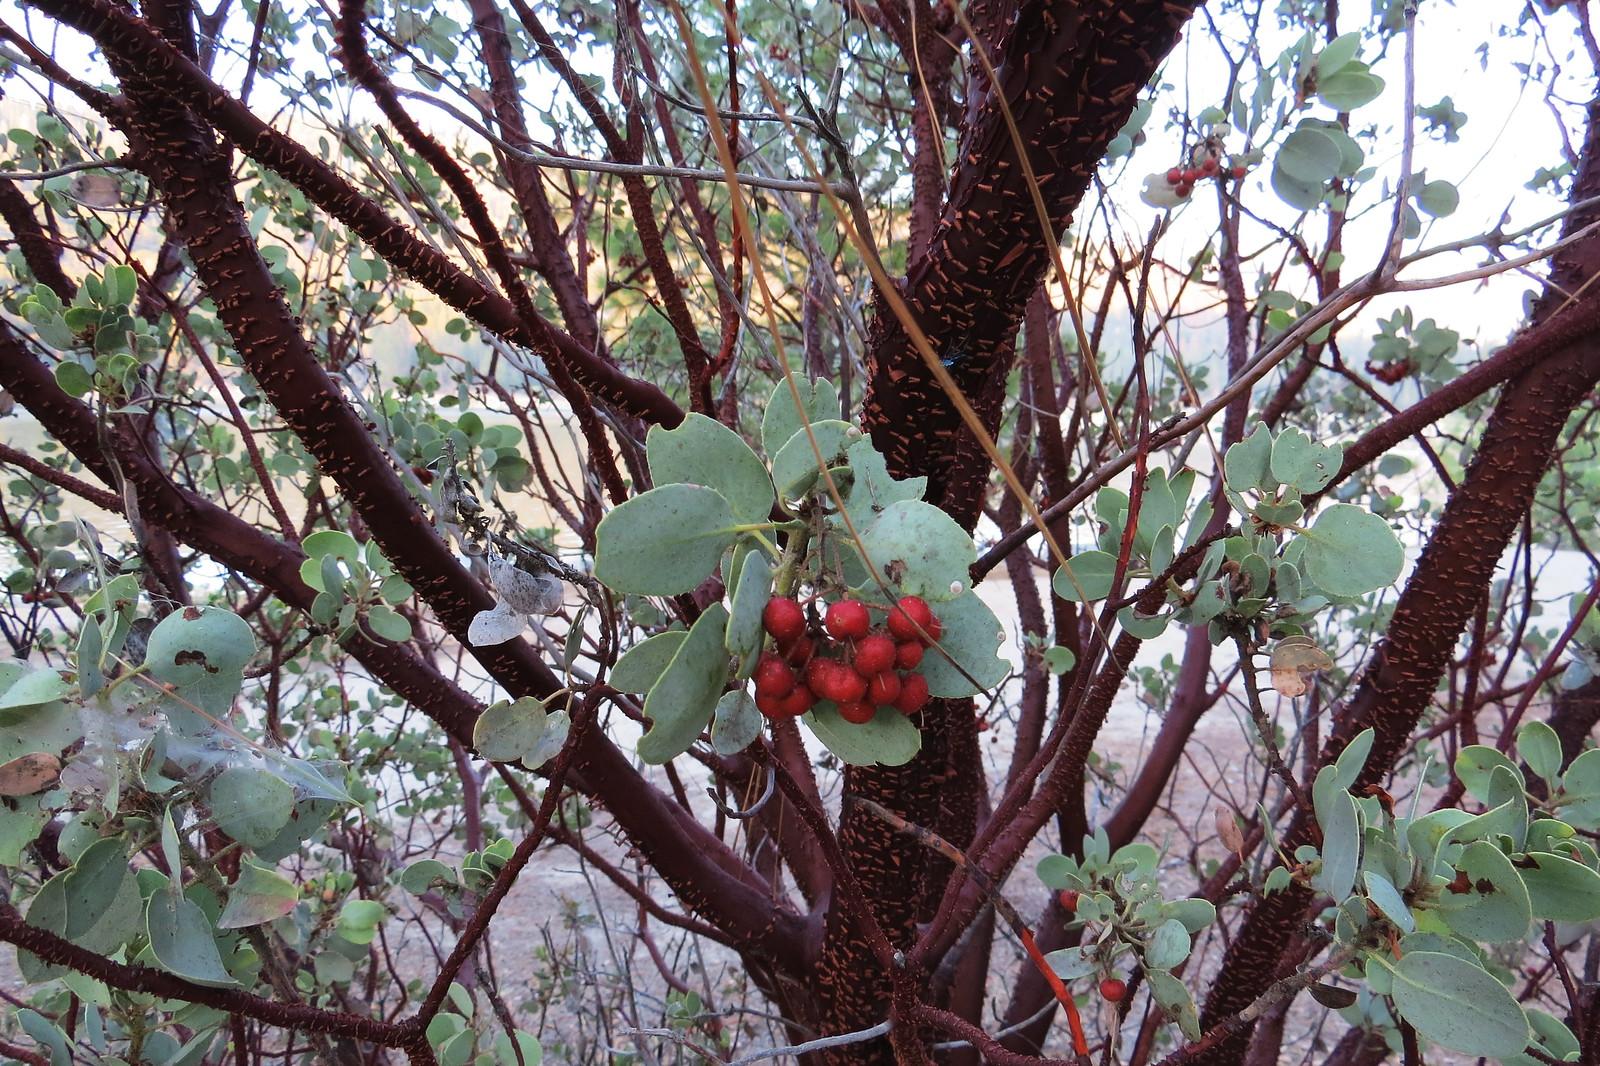 Manzanita Tree, Sierra, CA